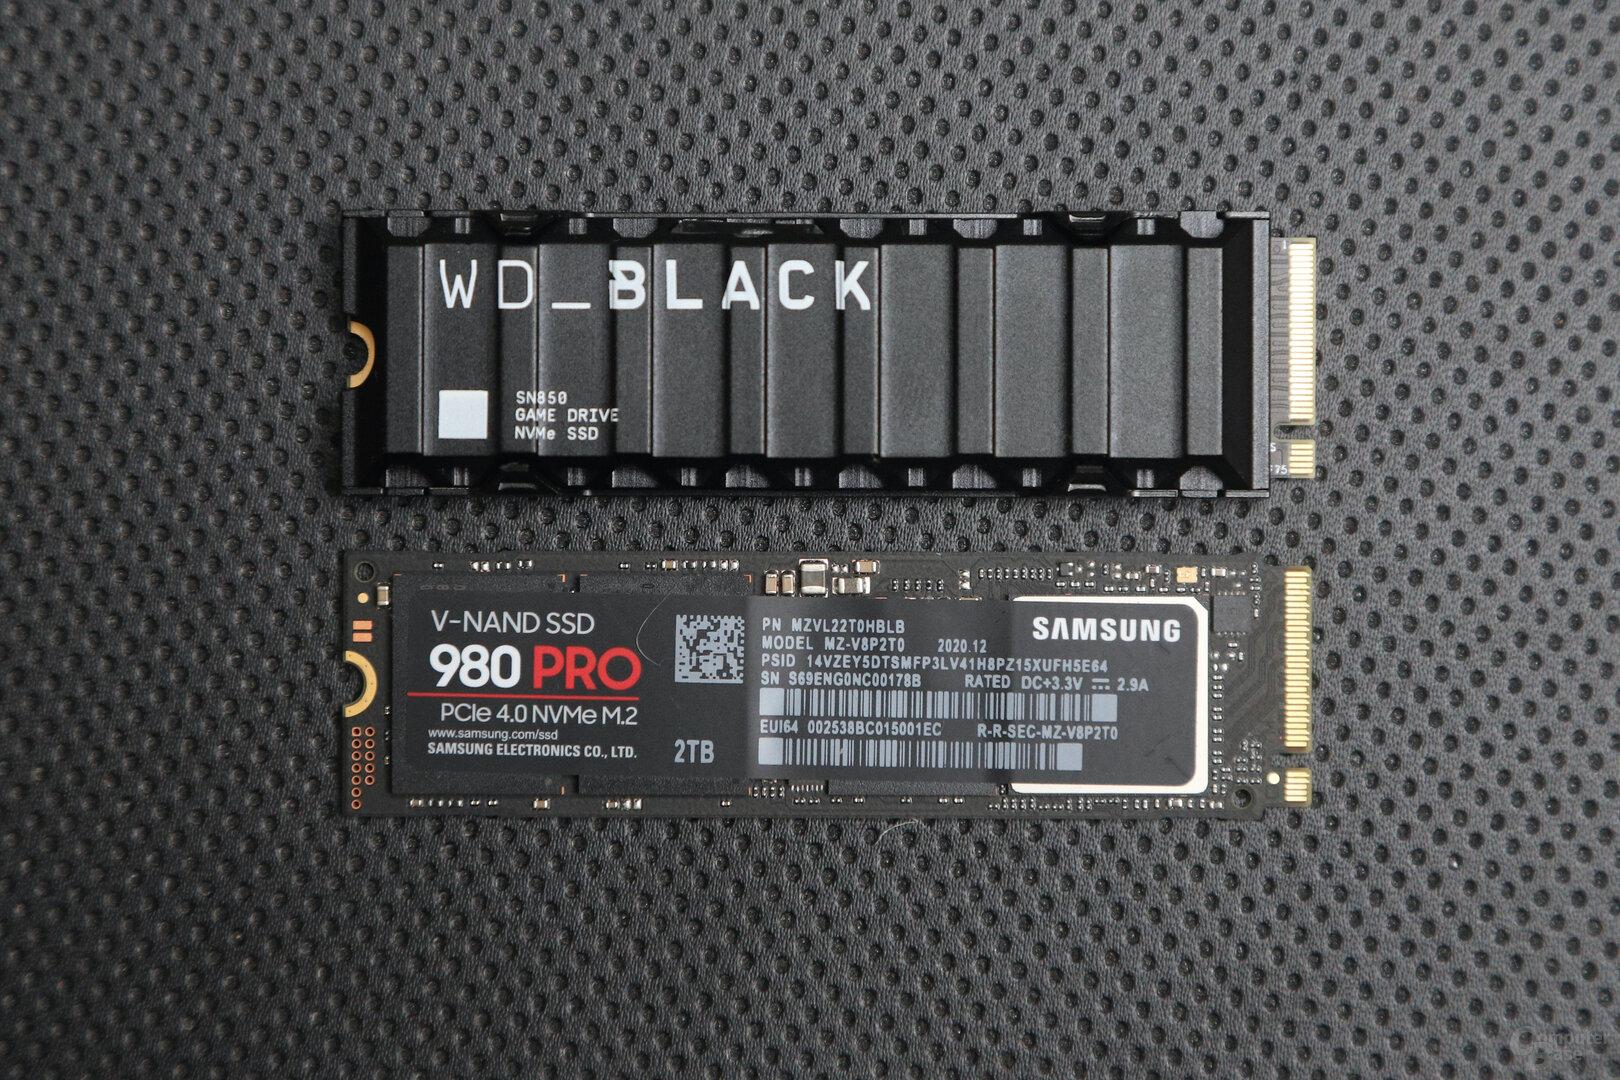 WD Black SN850 (oben), Samsung 980 Pro (unten)